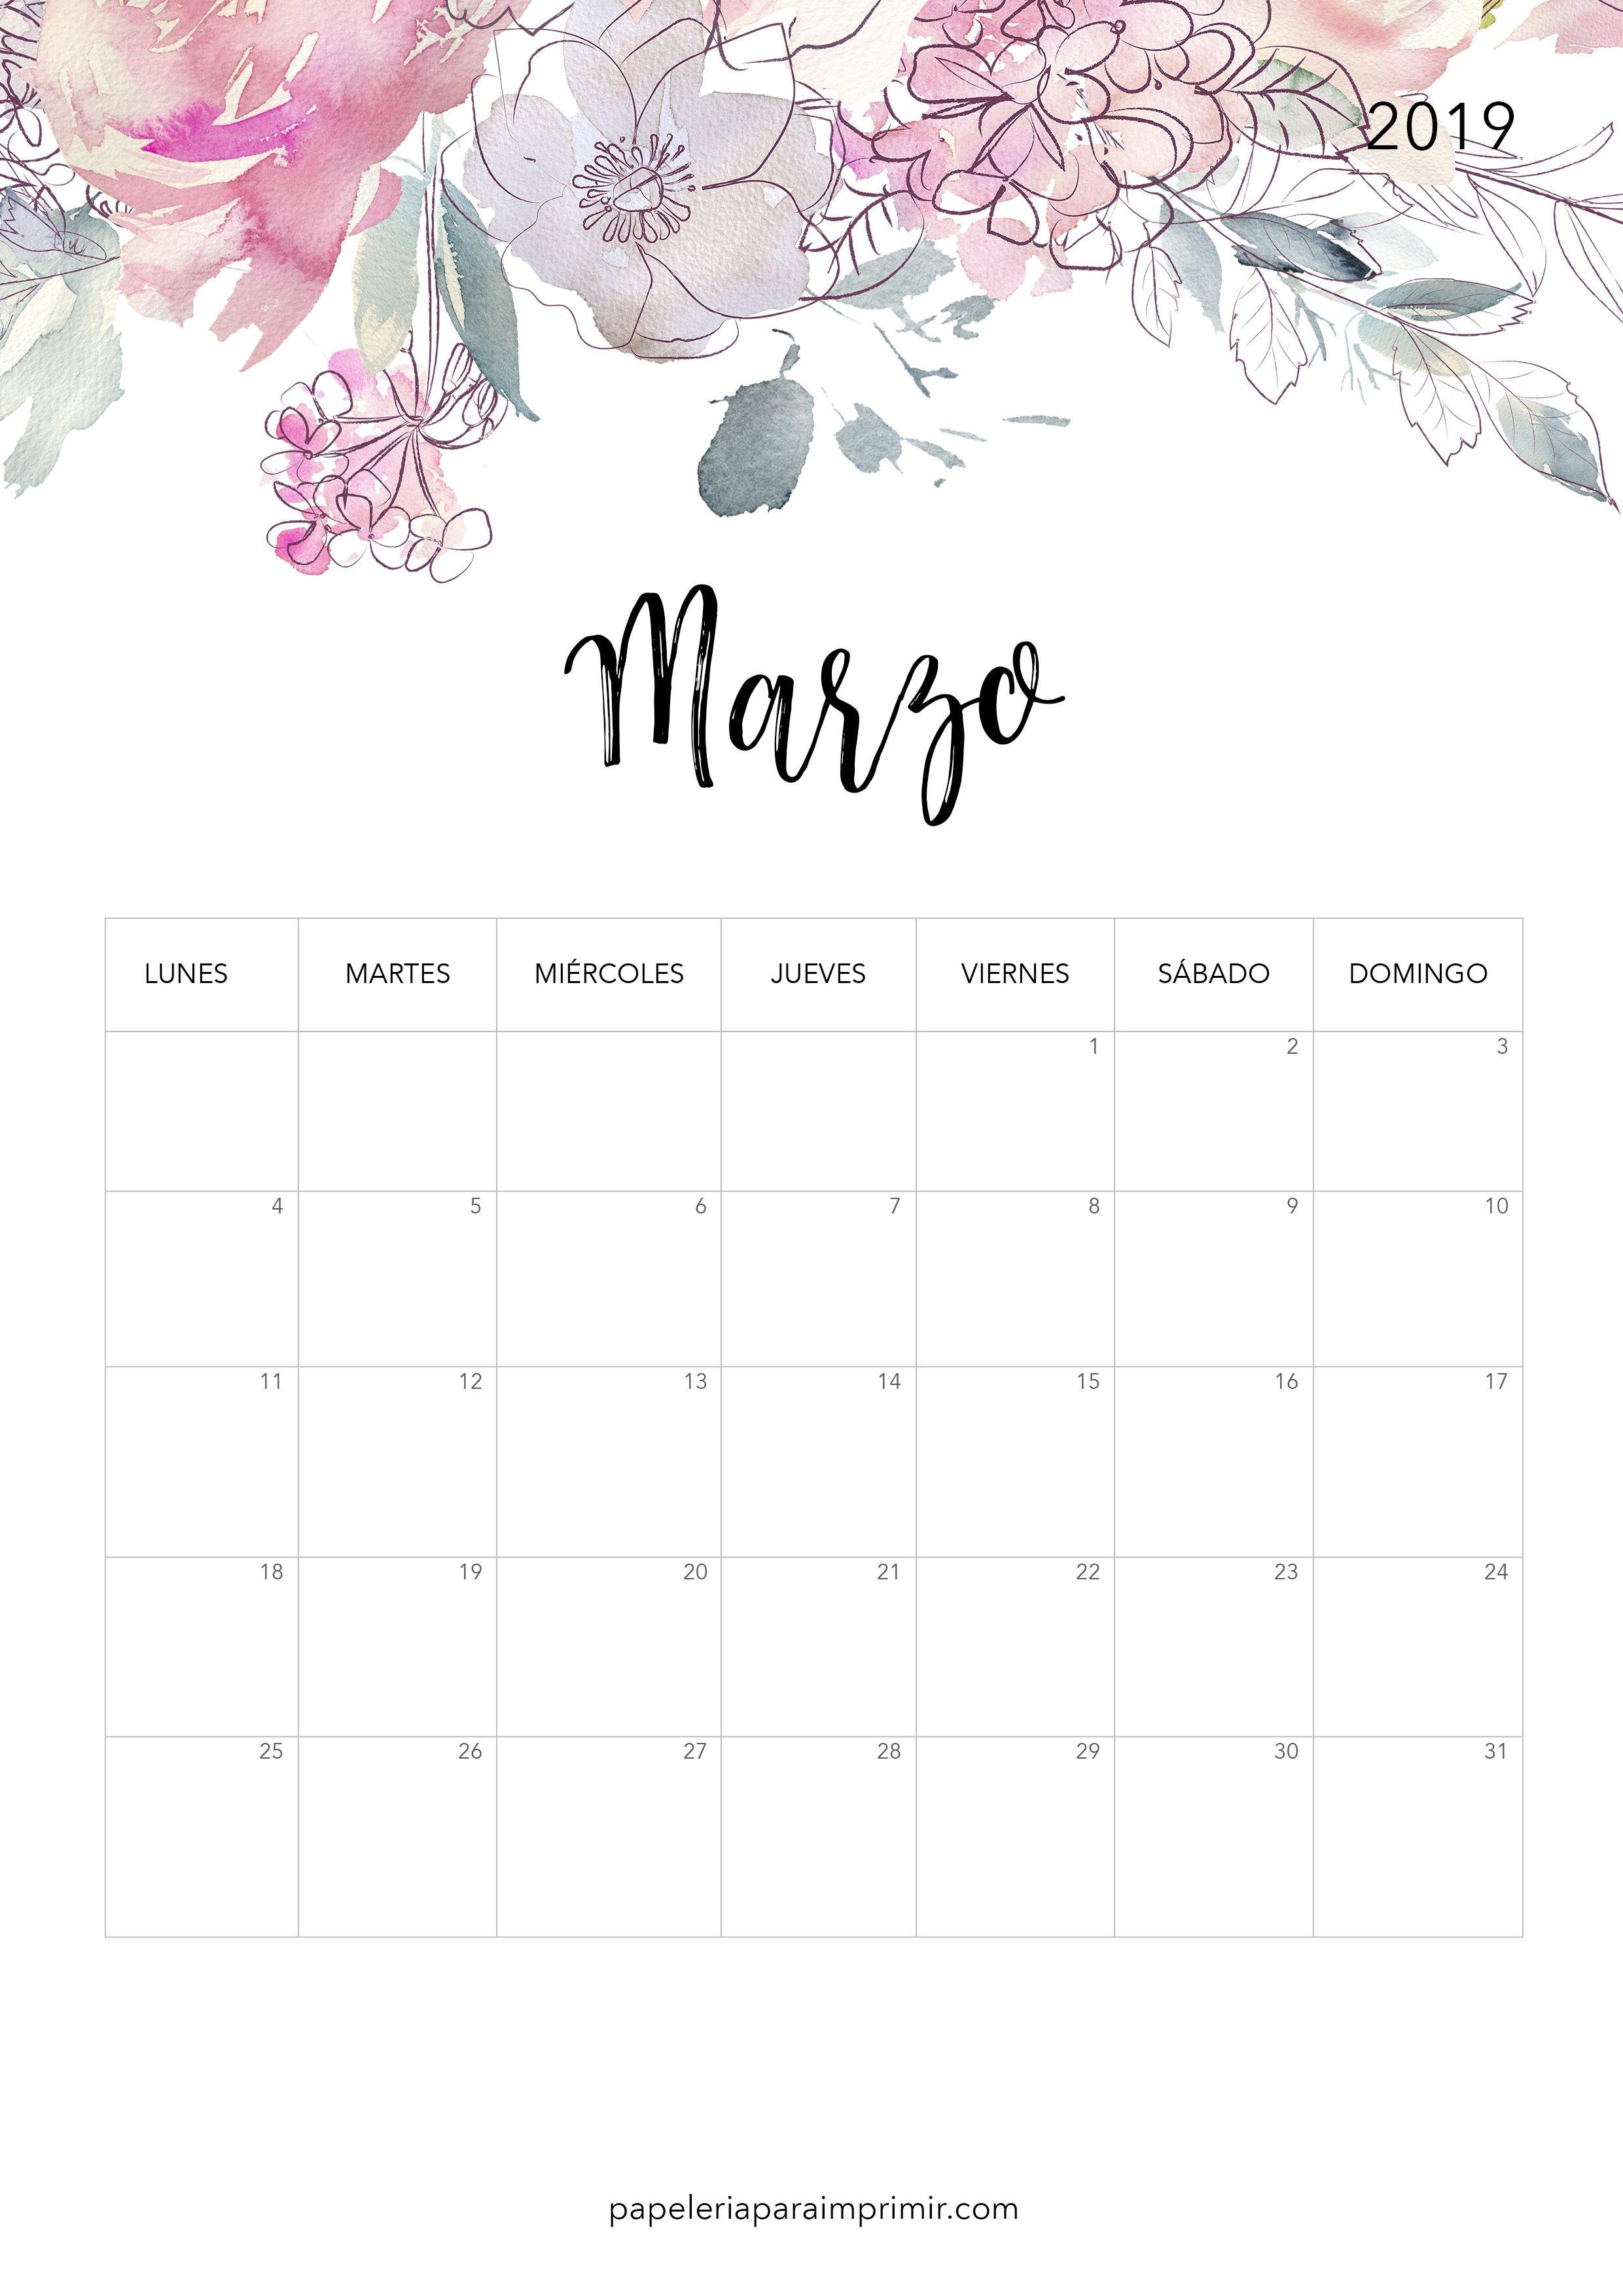 Calendario 2019 En Excel Para Descargar Más Recientes soraya Del Rey sorayadelreyestudio En Pinterest Of Calendario 2019 En Excel Para Descargar Más Arriba-a-fecha 2014 Annual Calendar Template Free 2015 Yearly Calendar Template